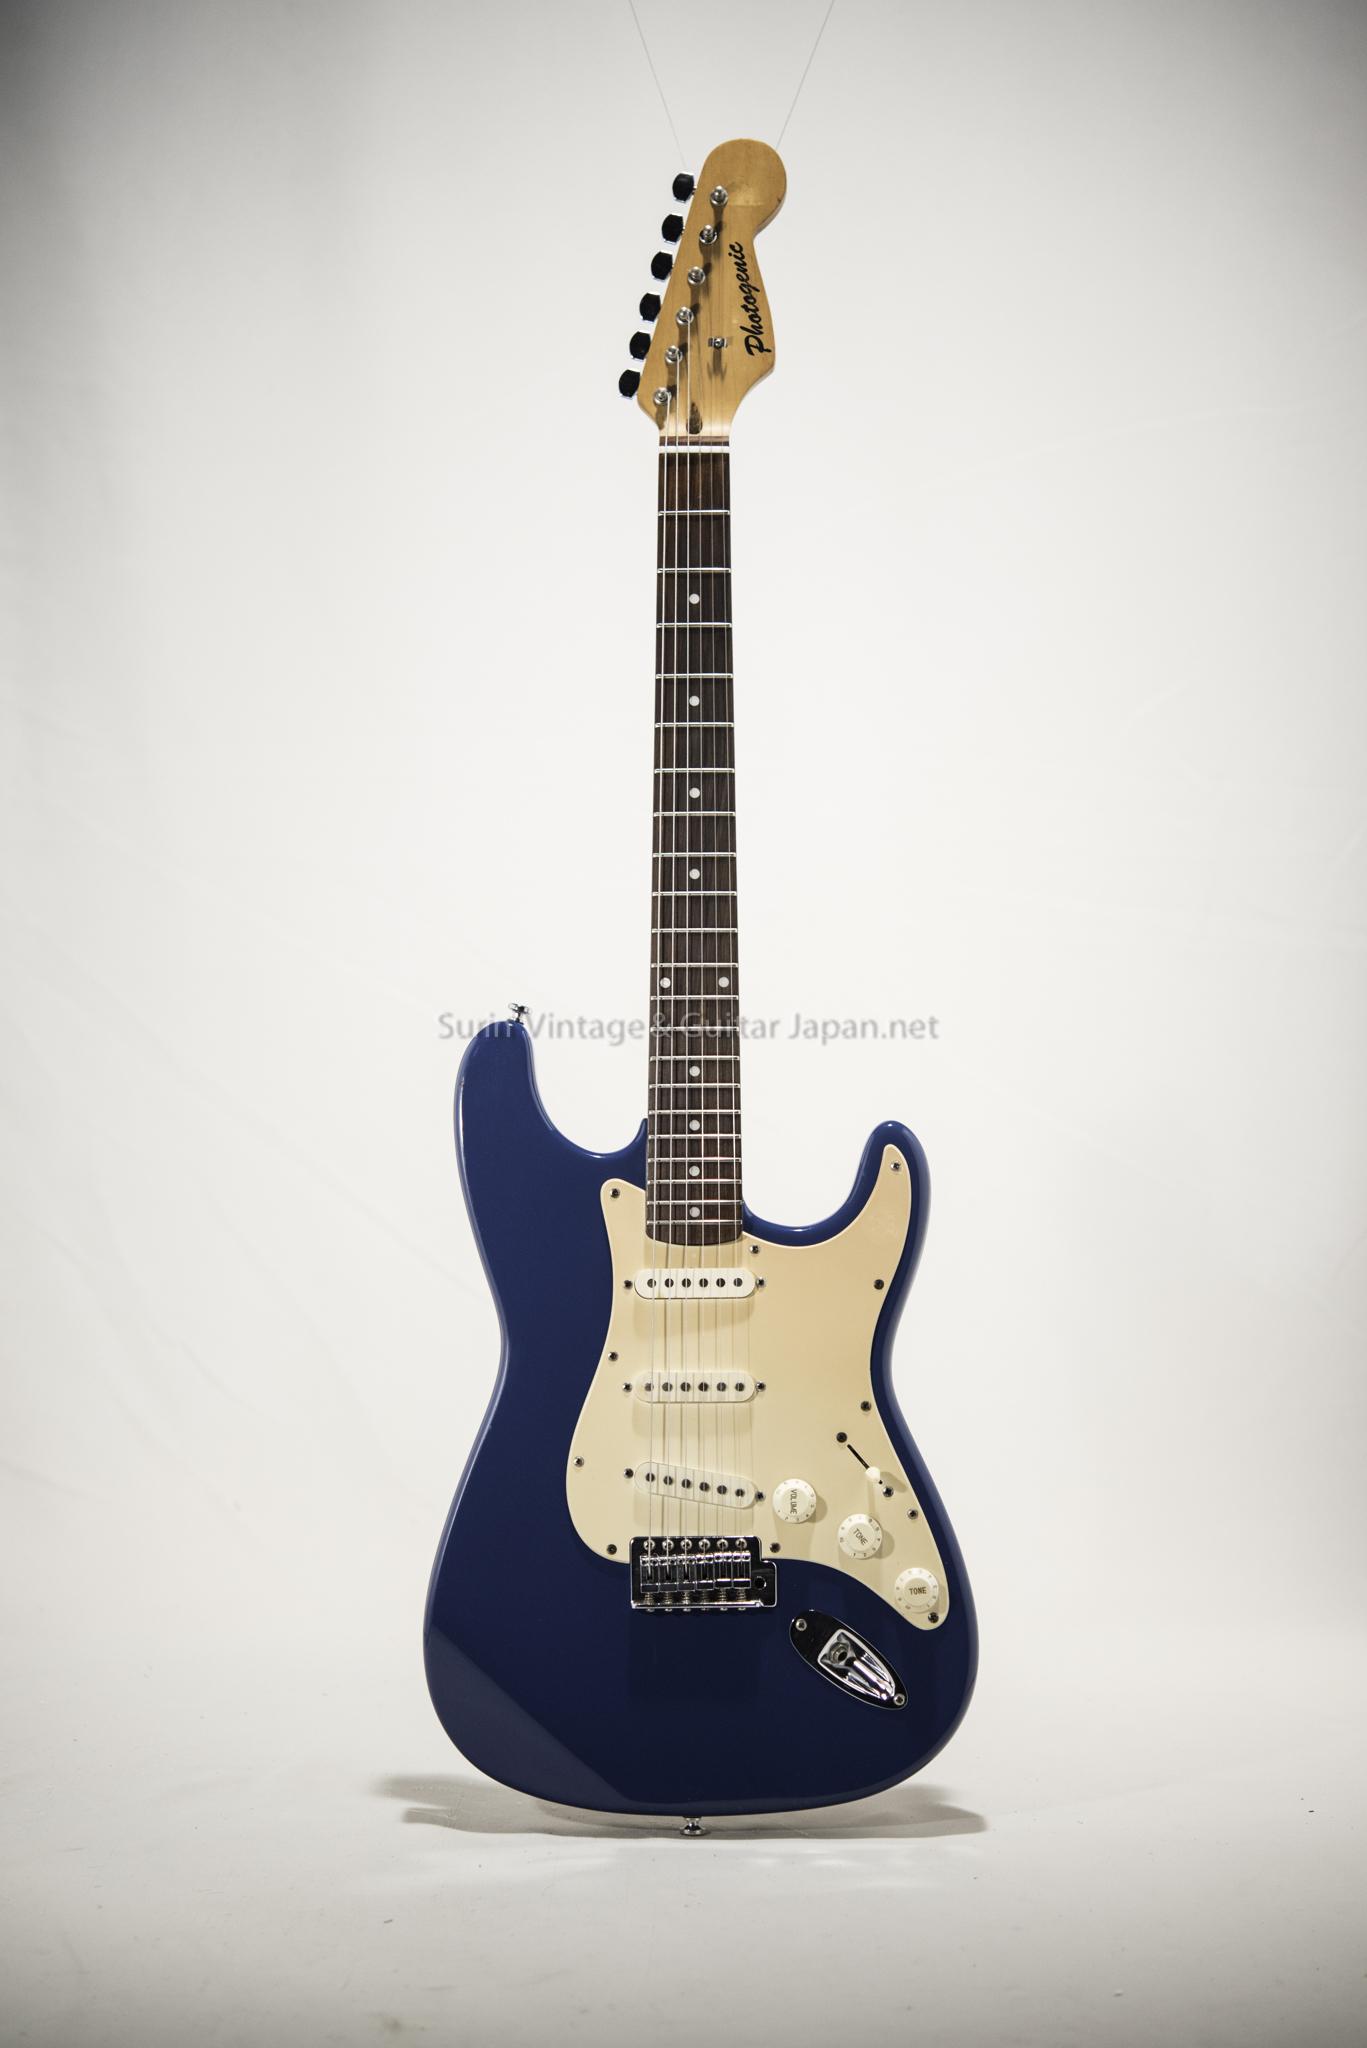 กีต้าร์ไฟฟ้ามือสอง Photogenic No.31 ST-Blue